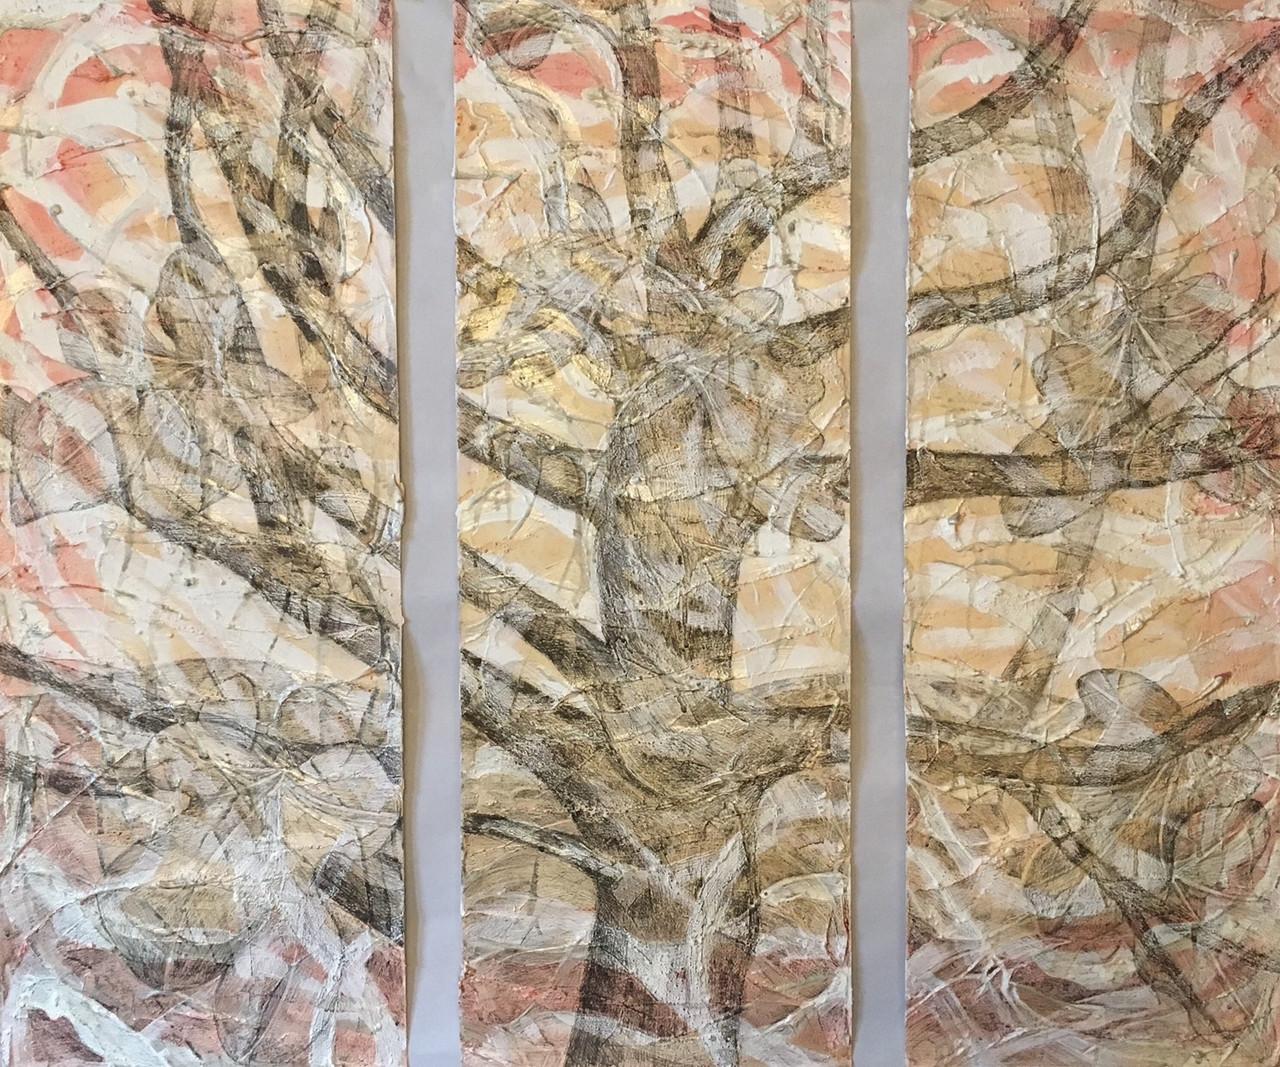 Betti Pettinati-Longinotti (Winston-Salem, NC), Fig Tree: Autumn, 2017